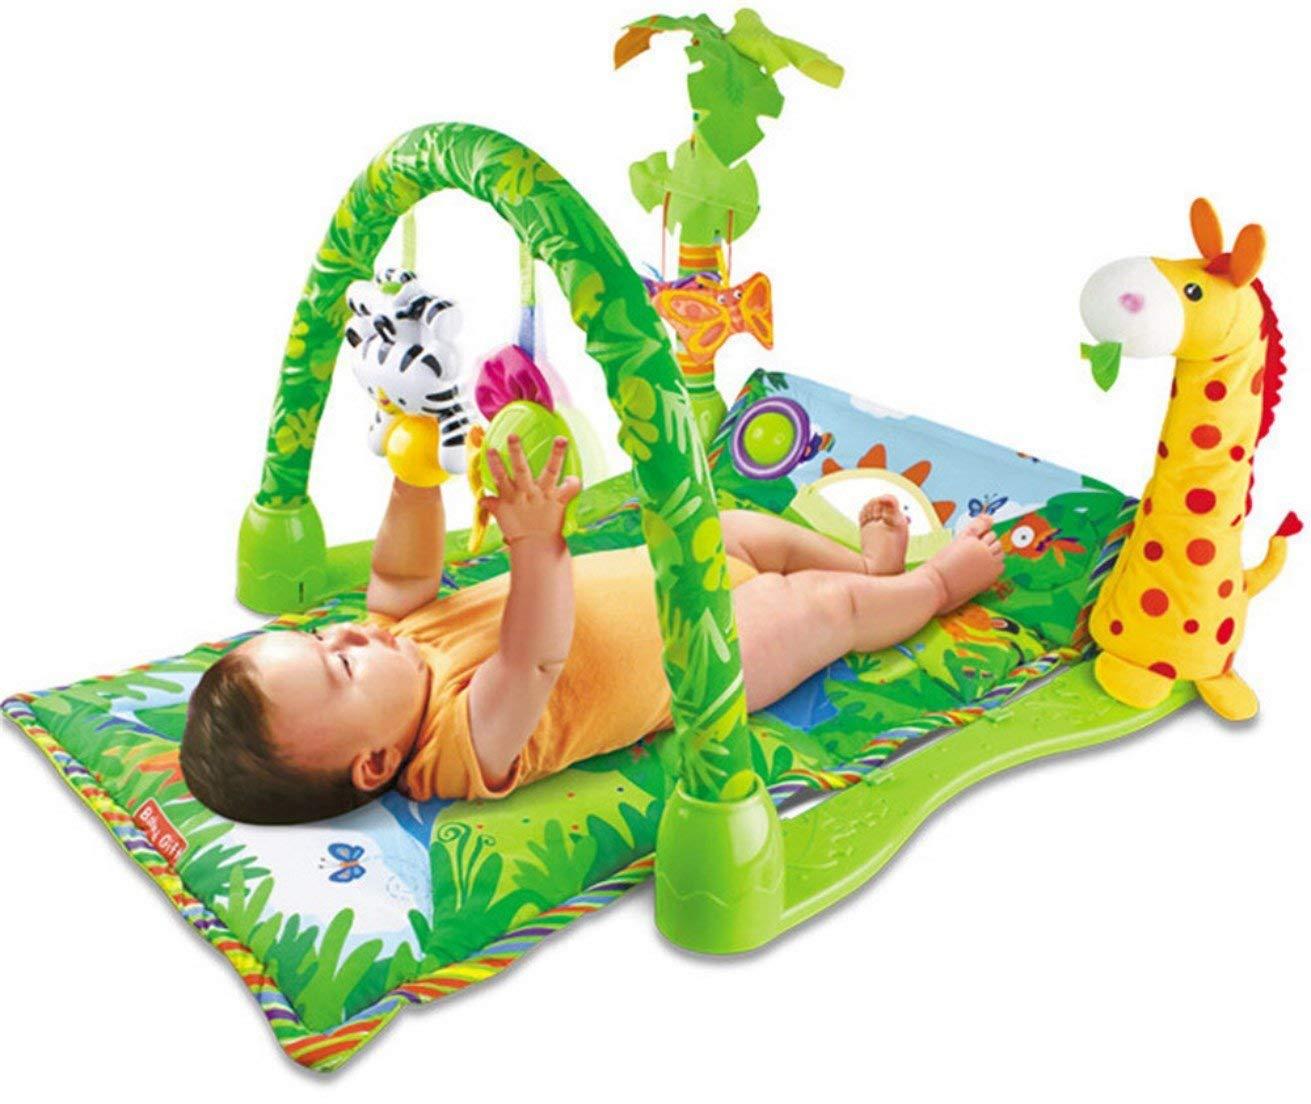 Lay & spielen 3-in-1 Musical Baby Dschungel Fitness Activity Schlaflied Matte Quickdraw ZZC82334